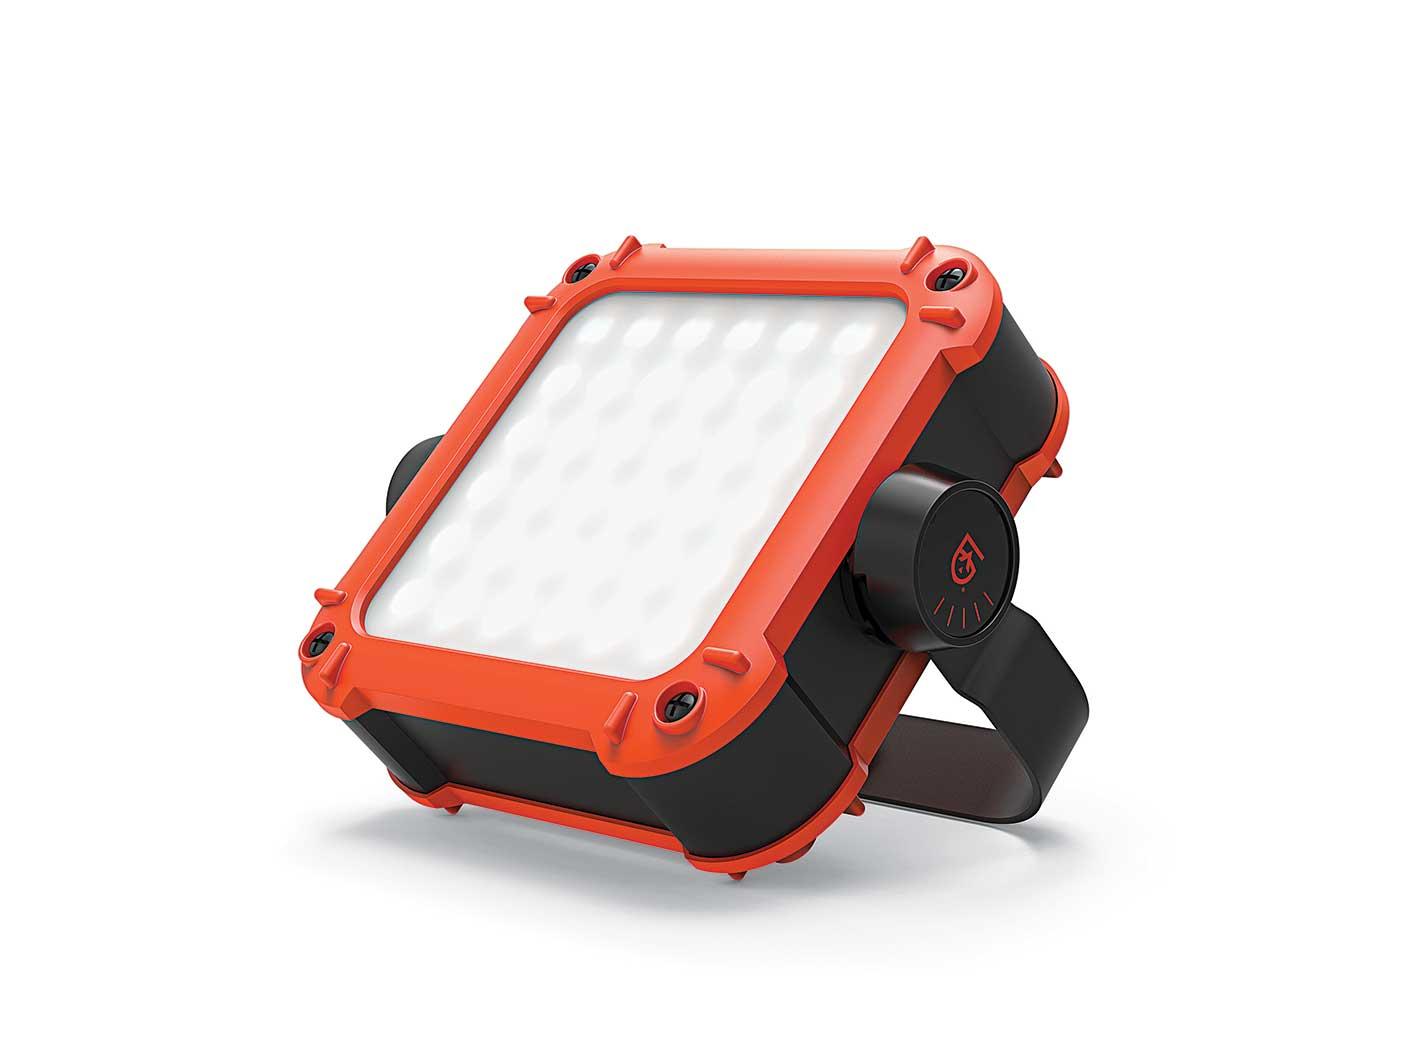 hunting light, camping light